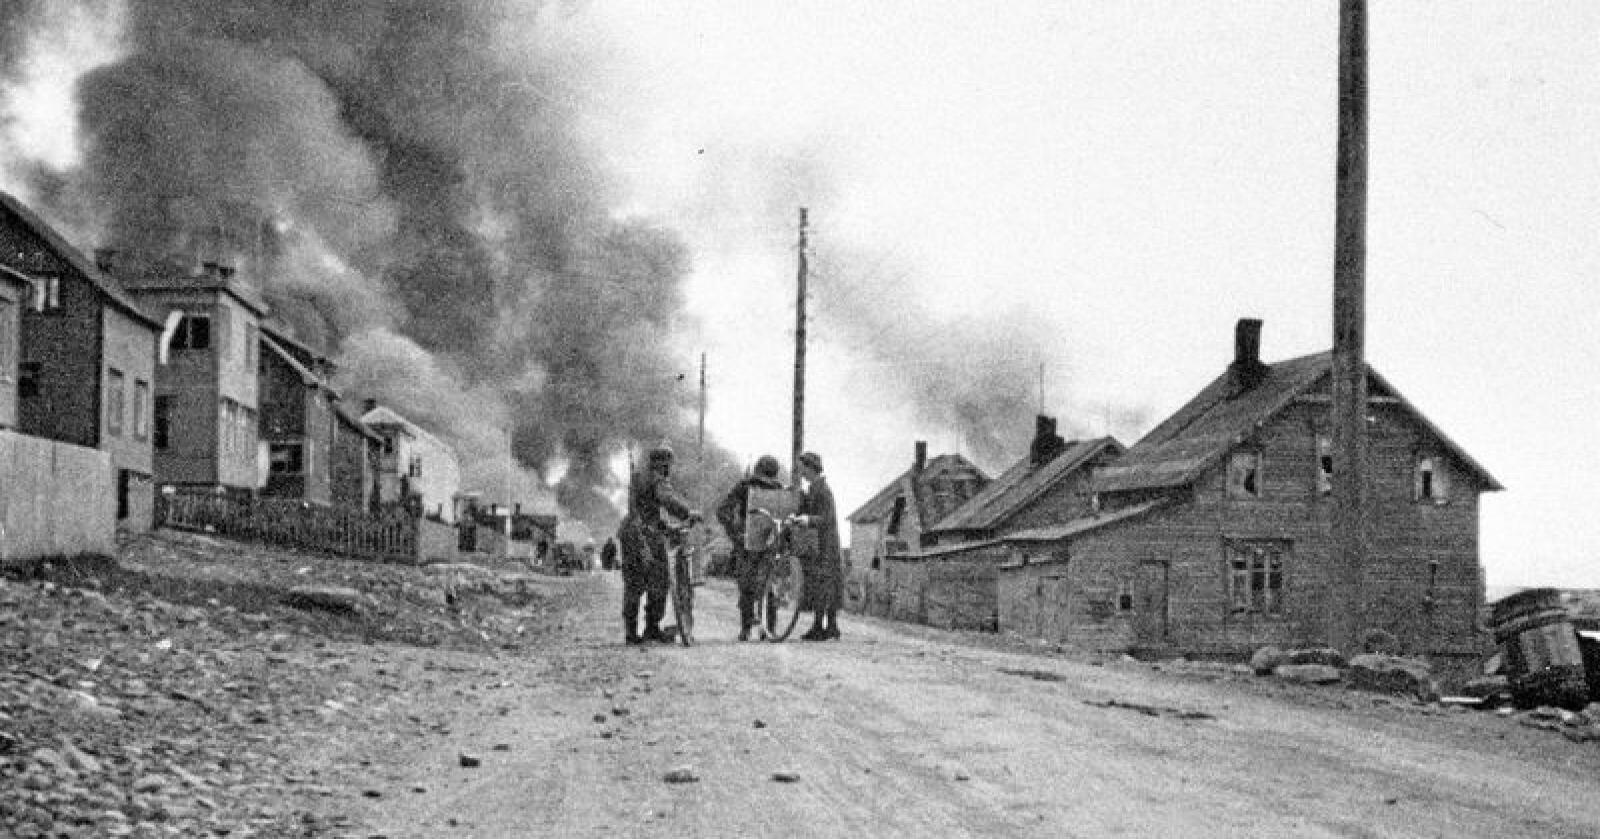 Finnmark brenner: Tyske styrker brukte den brente jords taktikk da de trakk seg ut fra Finnmkar under andre verdenskri. Her står Vadsø i brann. Foto: NTB scanpix